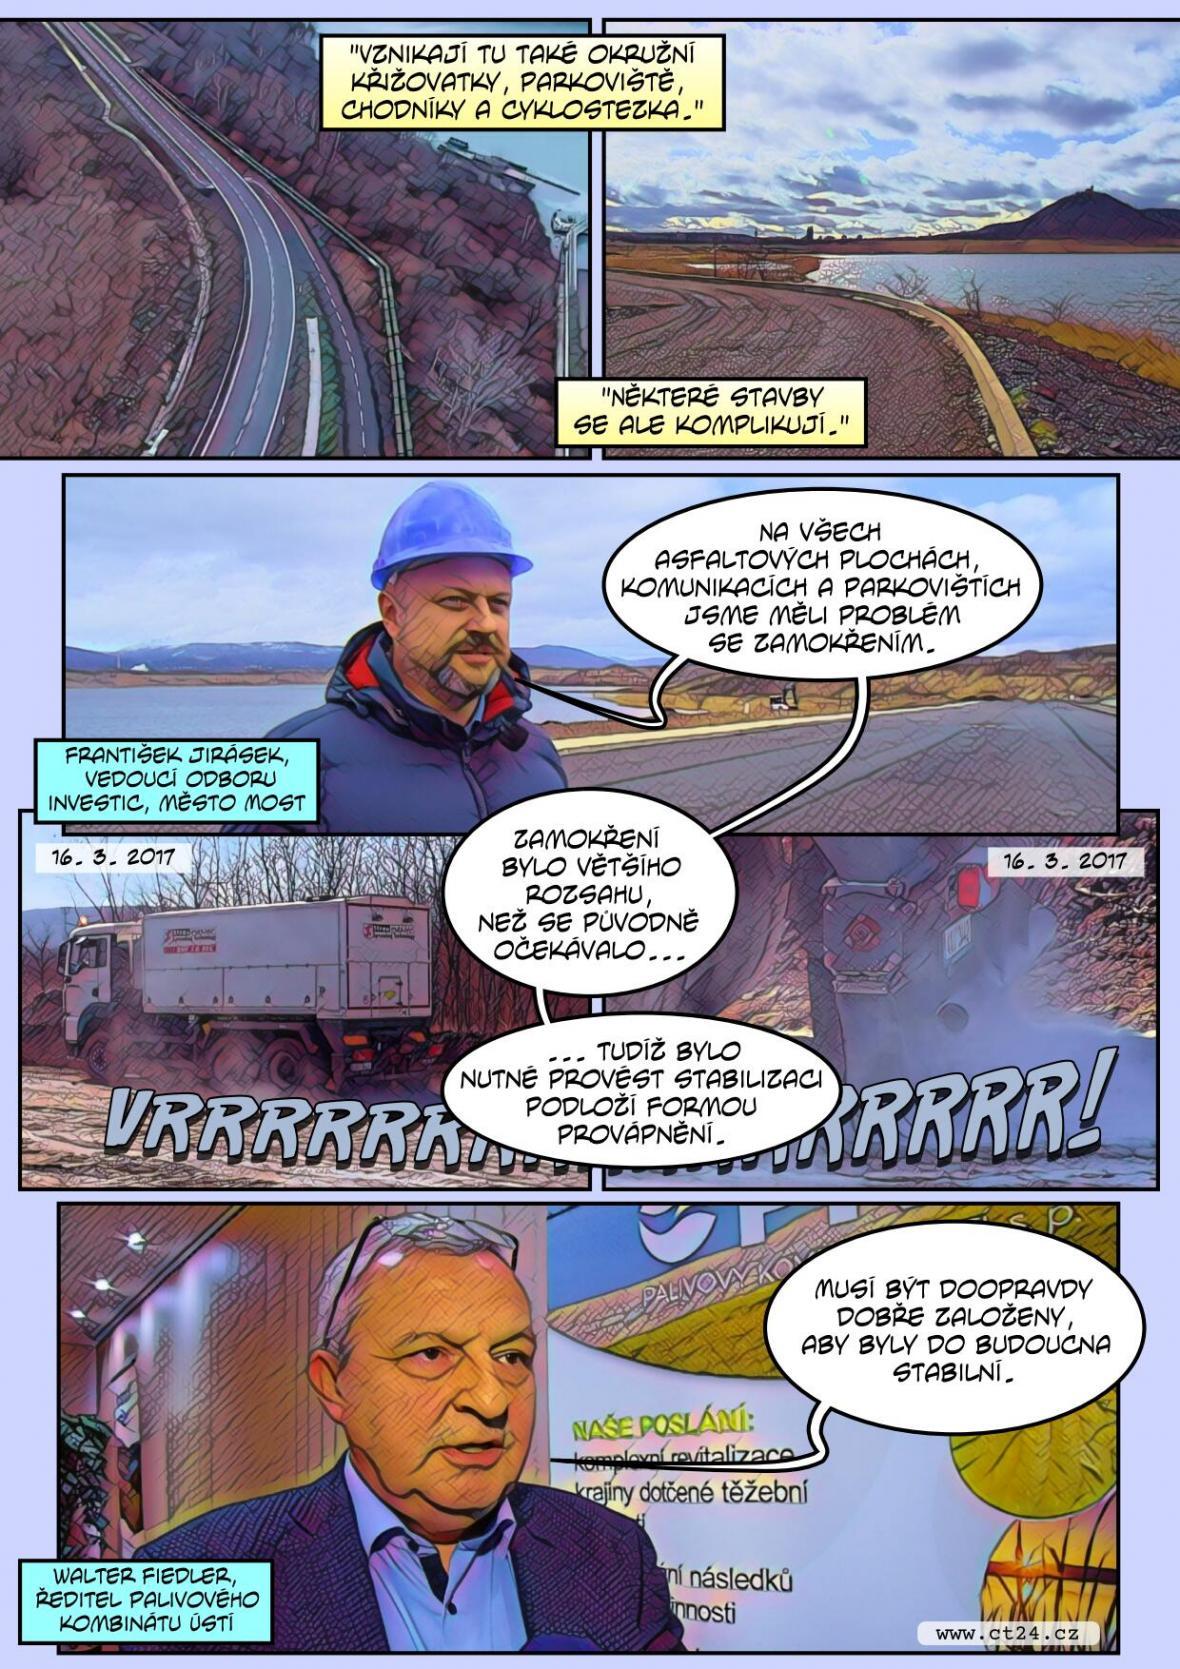 Komplikace otevření jezera Most